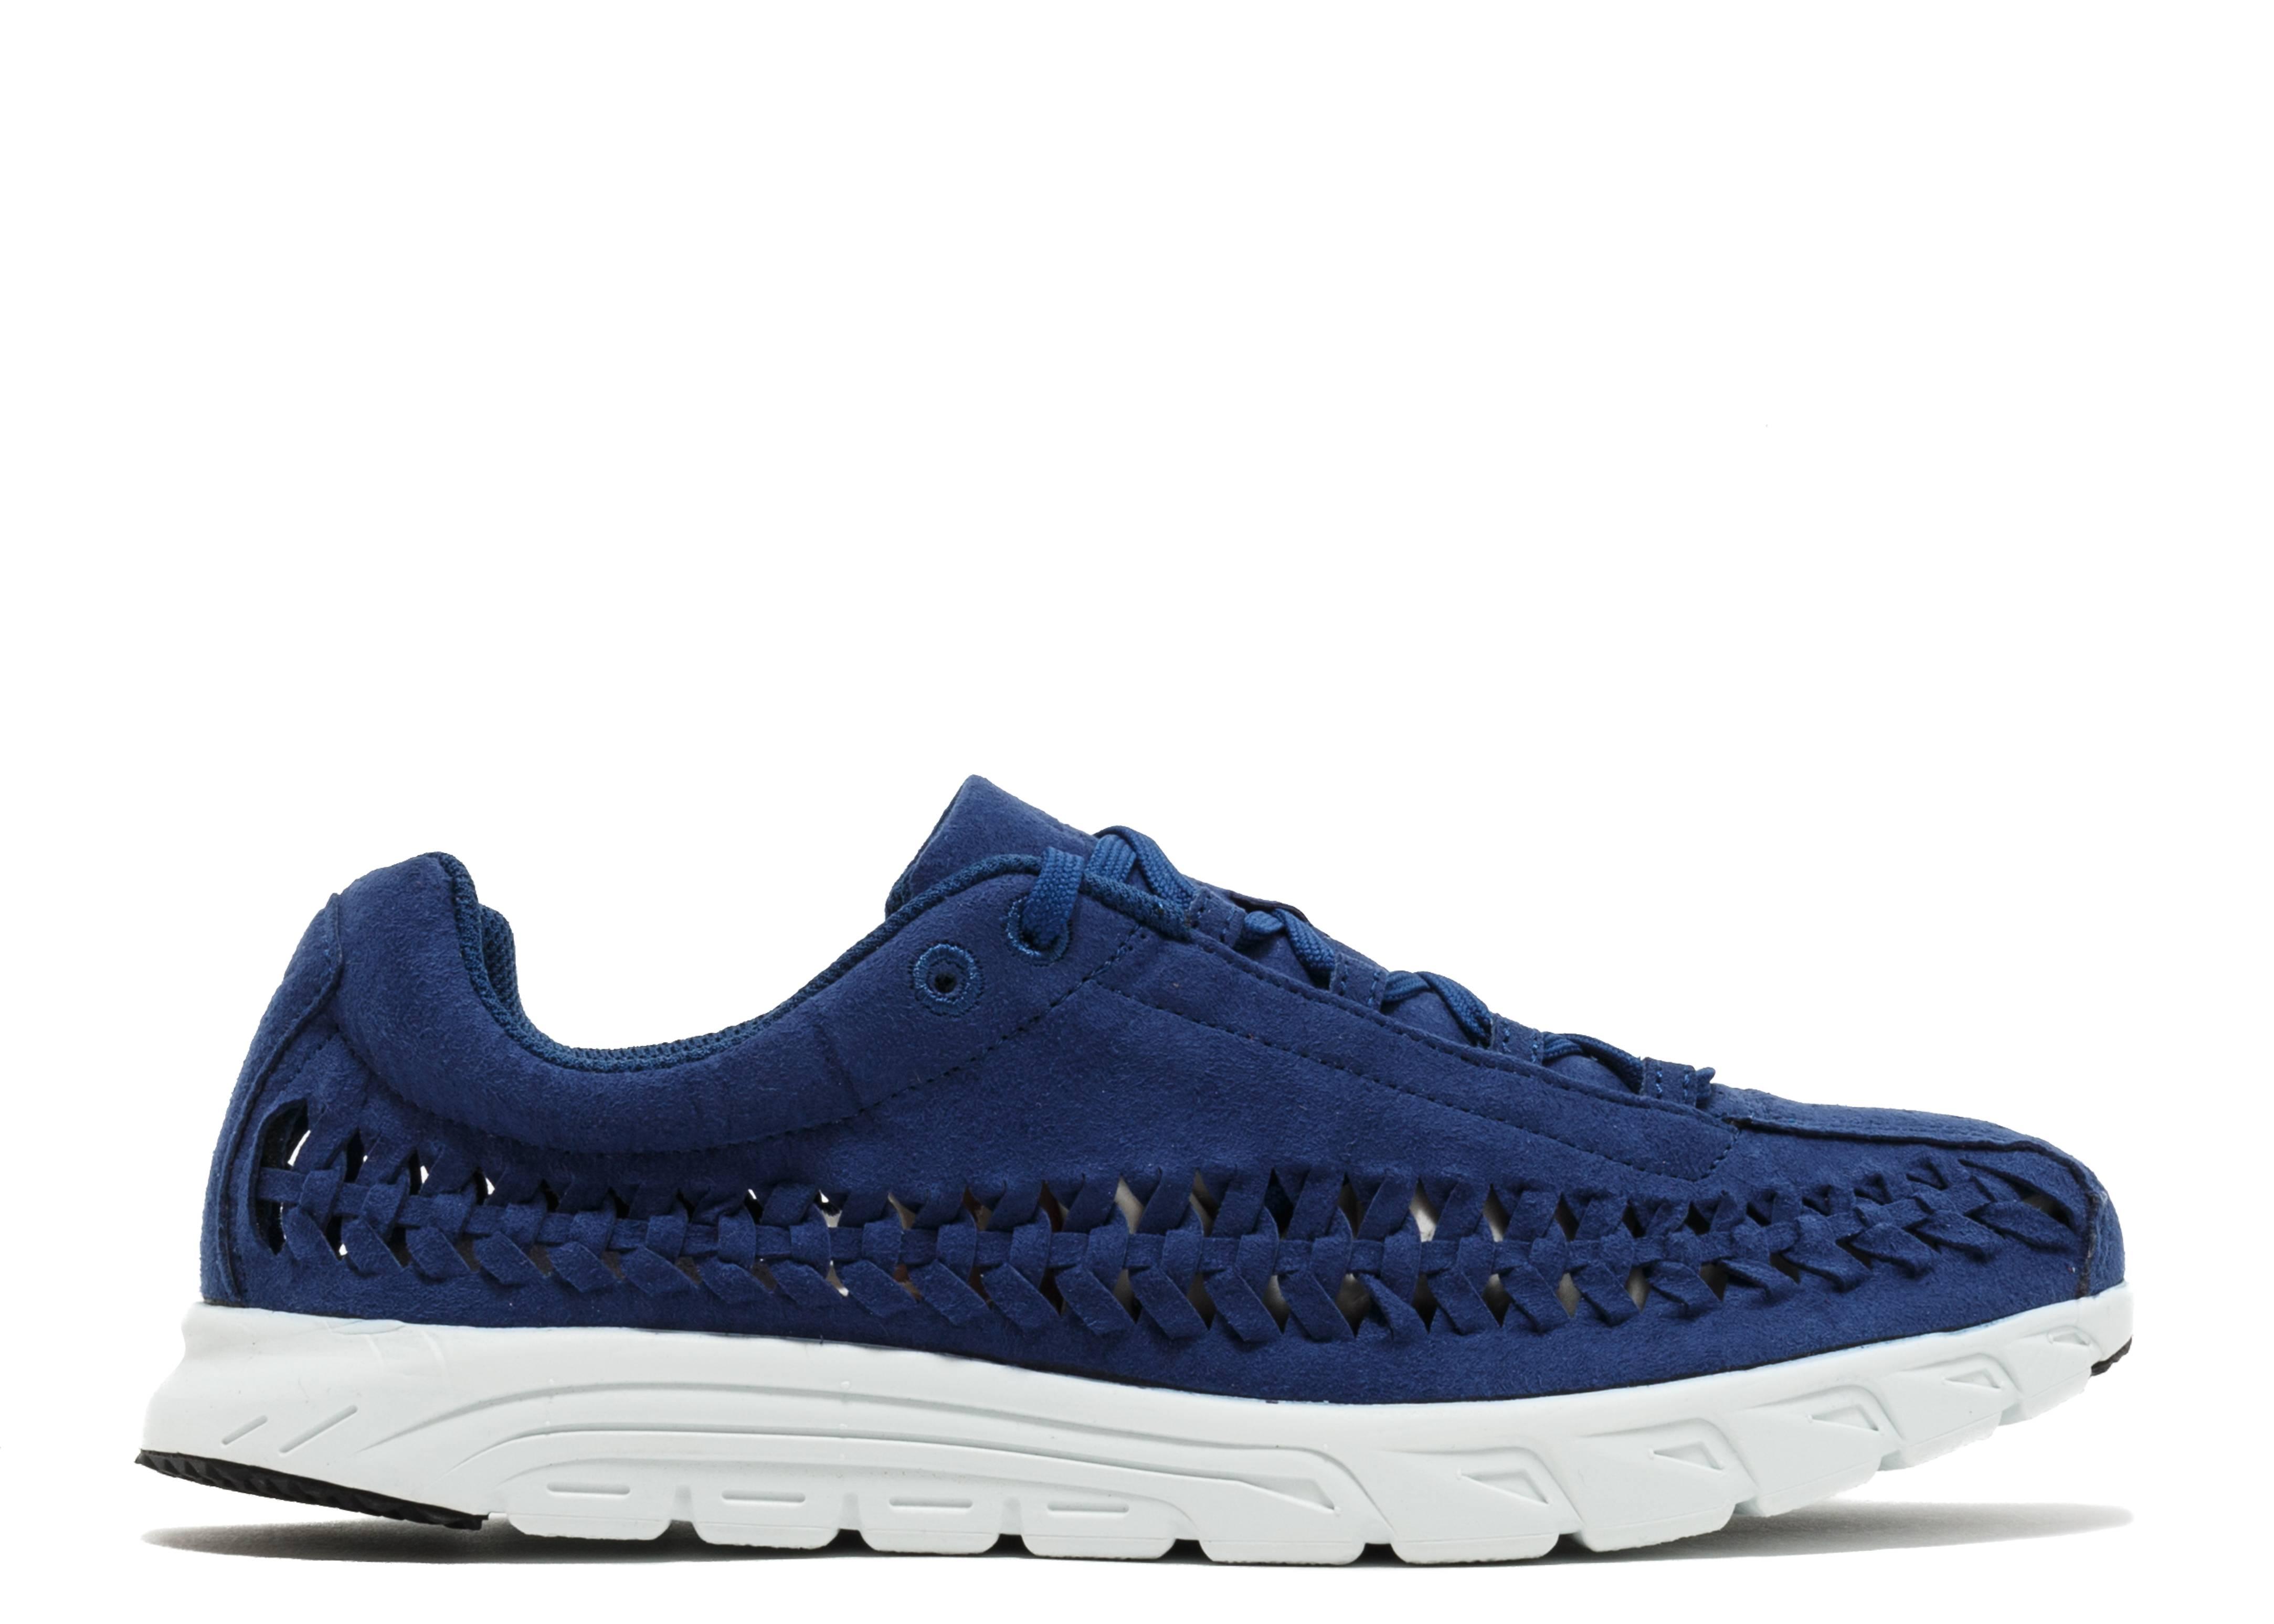 8167415c028 Nike Mayfly Woven - Nike - 833132 400 - coastal blue   black - off ...